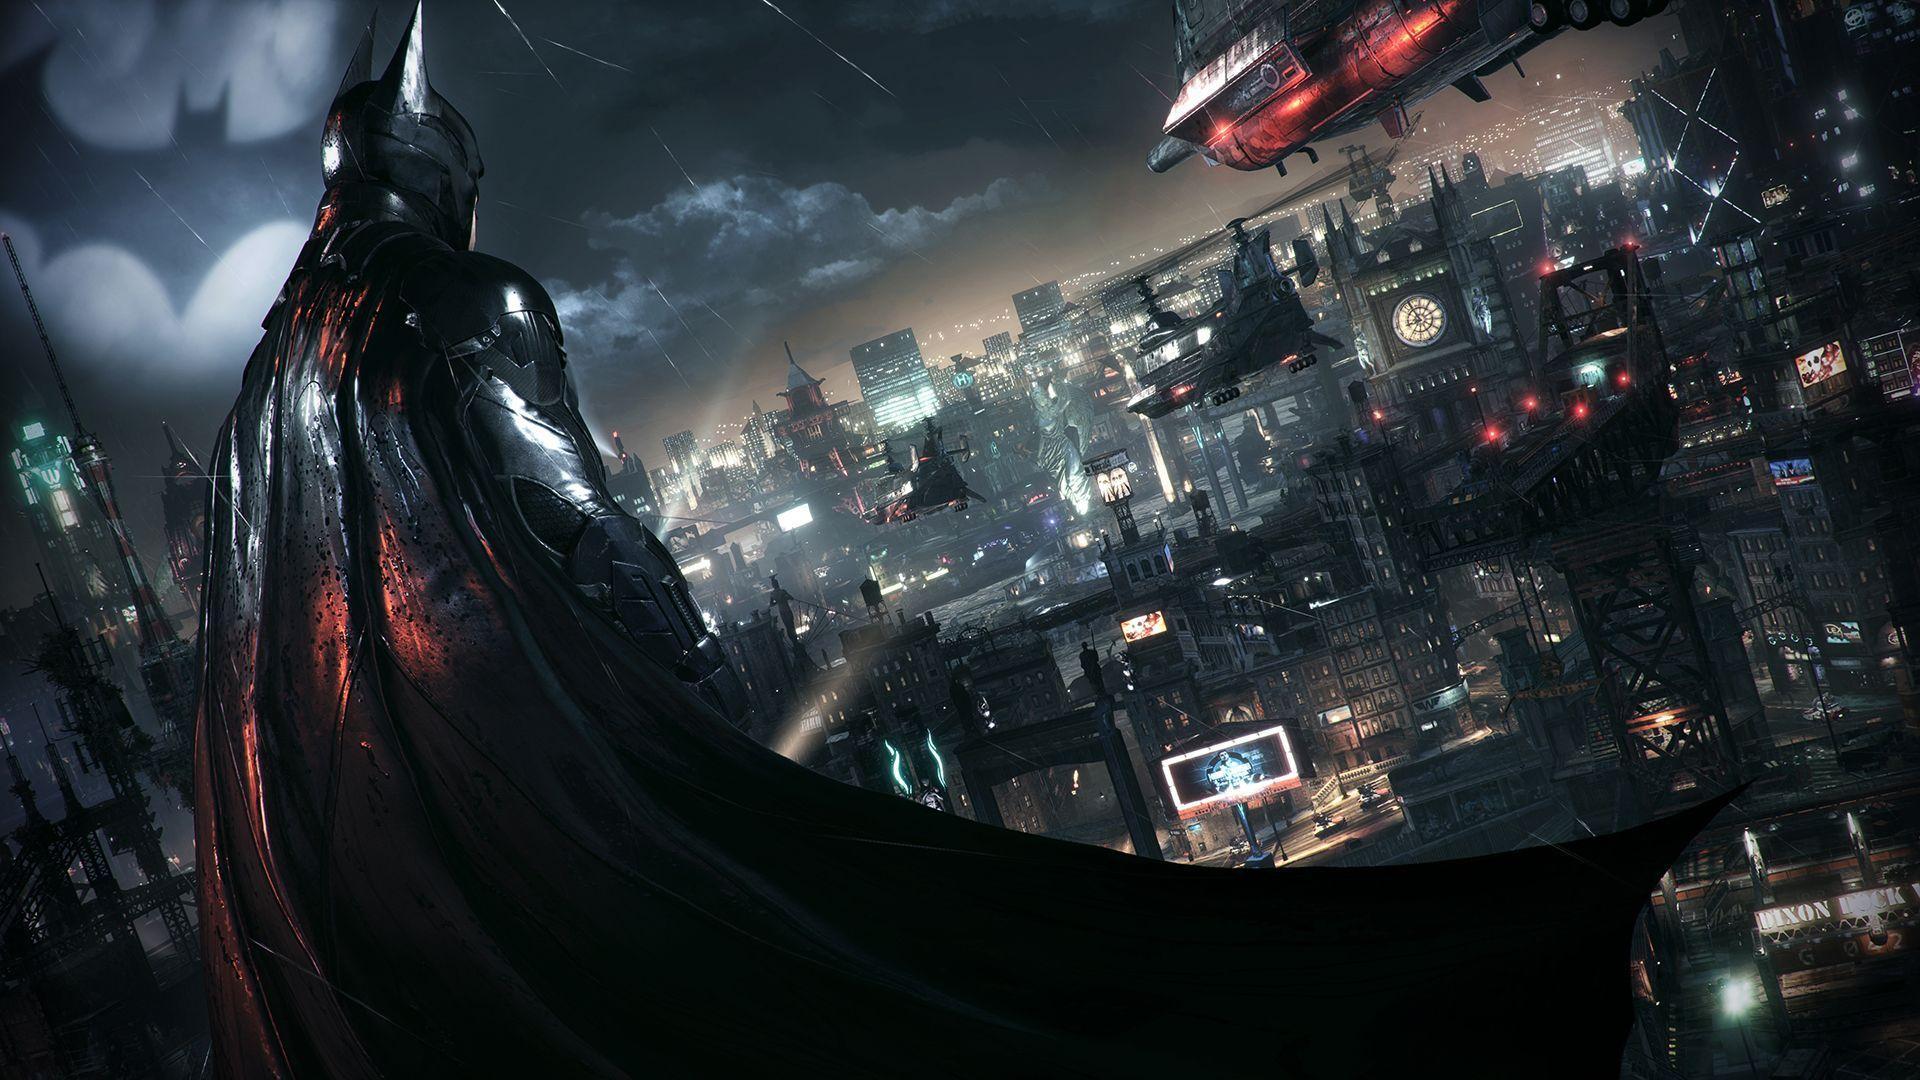 Batman Arkham Knight Wallpapers Top Free Batman Arkham Knight